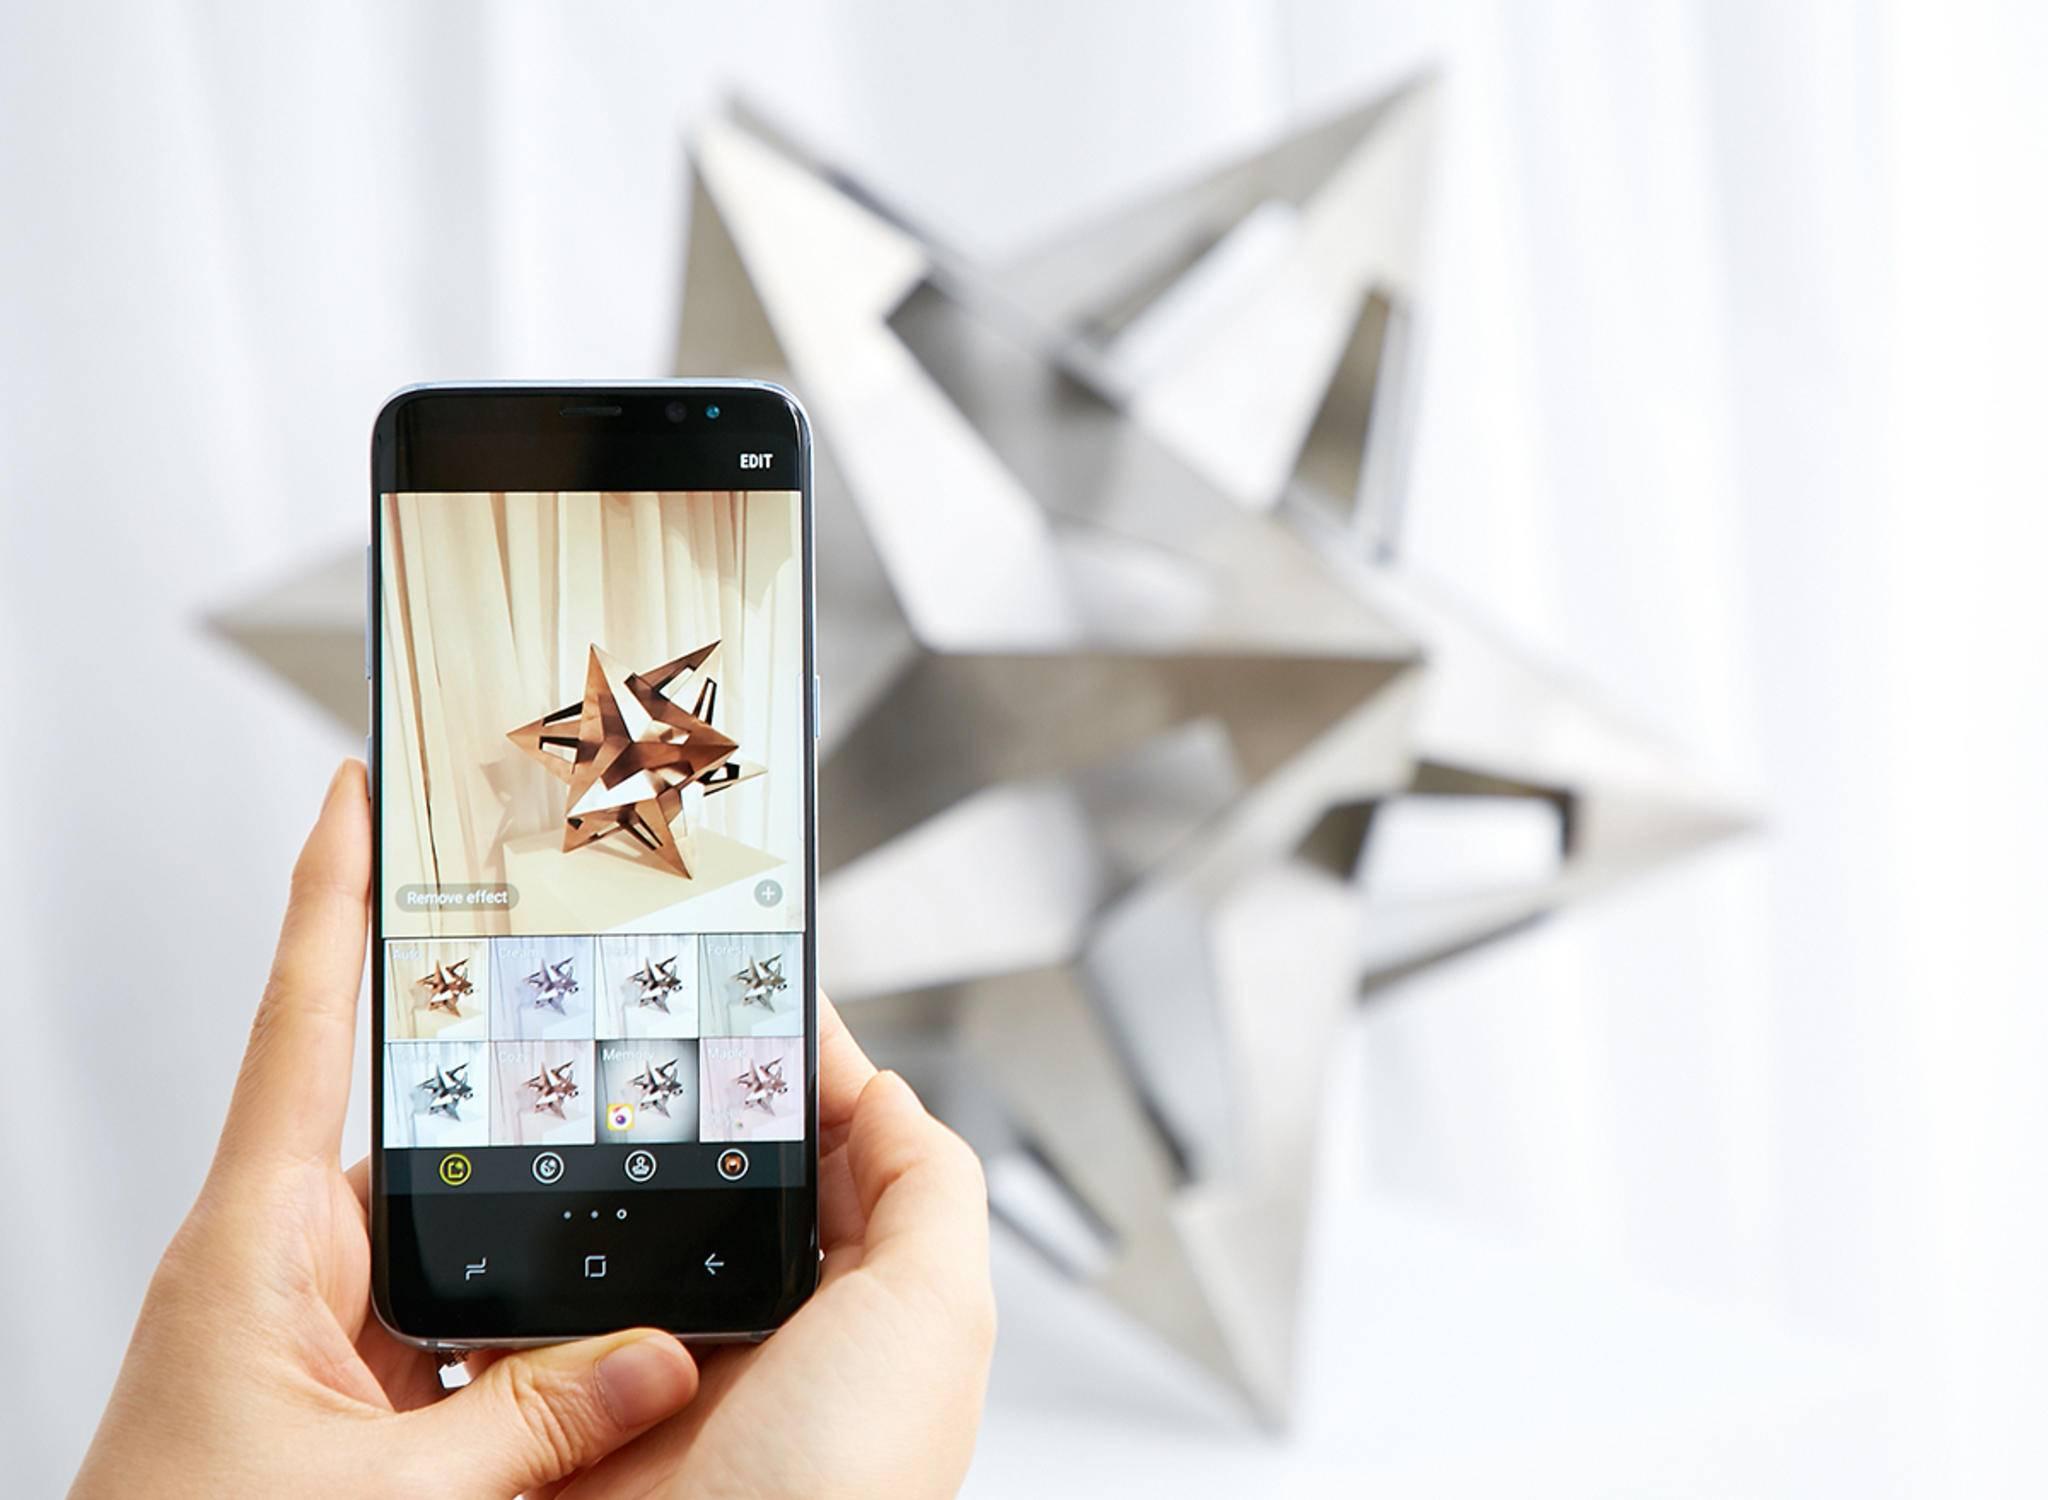 Das Galaxy S8 hat nur eine gewöhnliche 12-MP-Kamera.